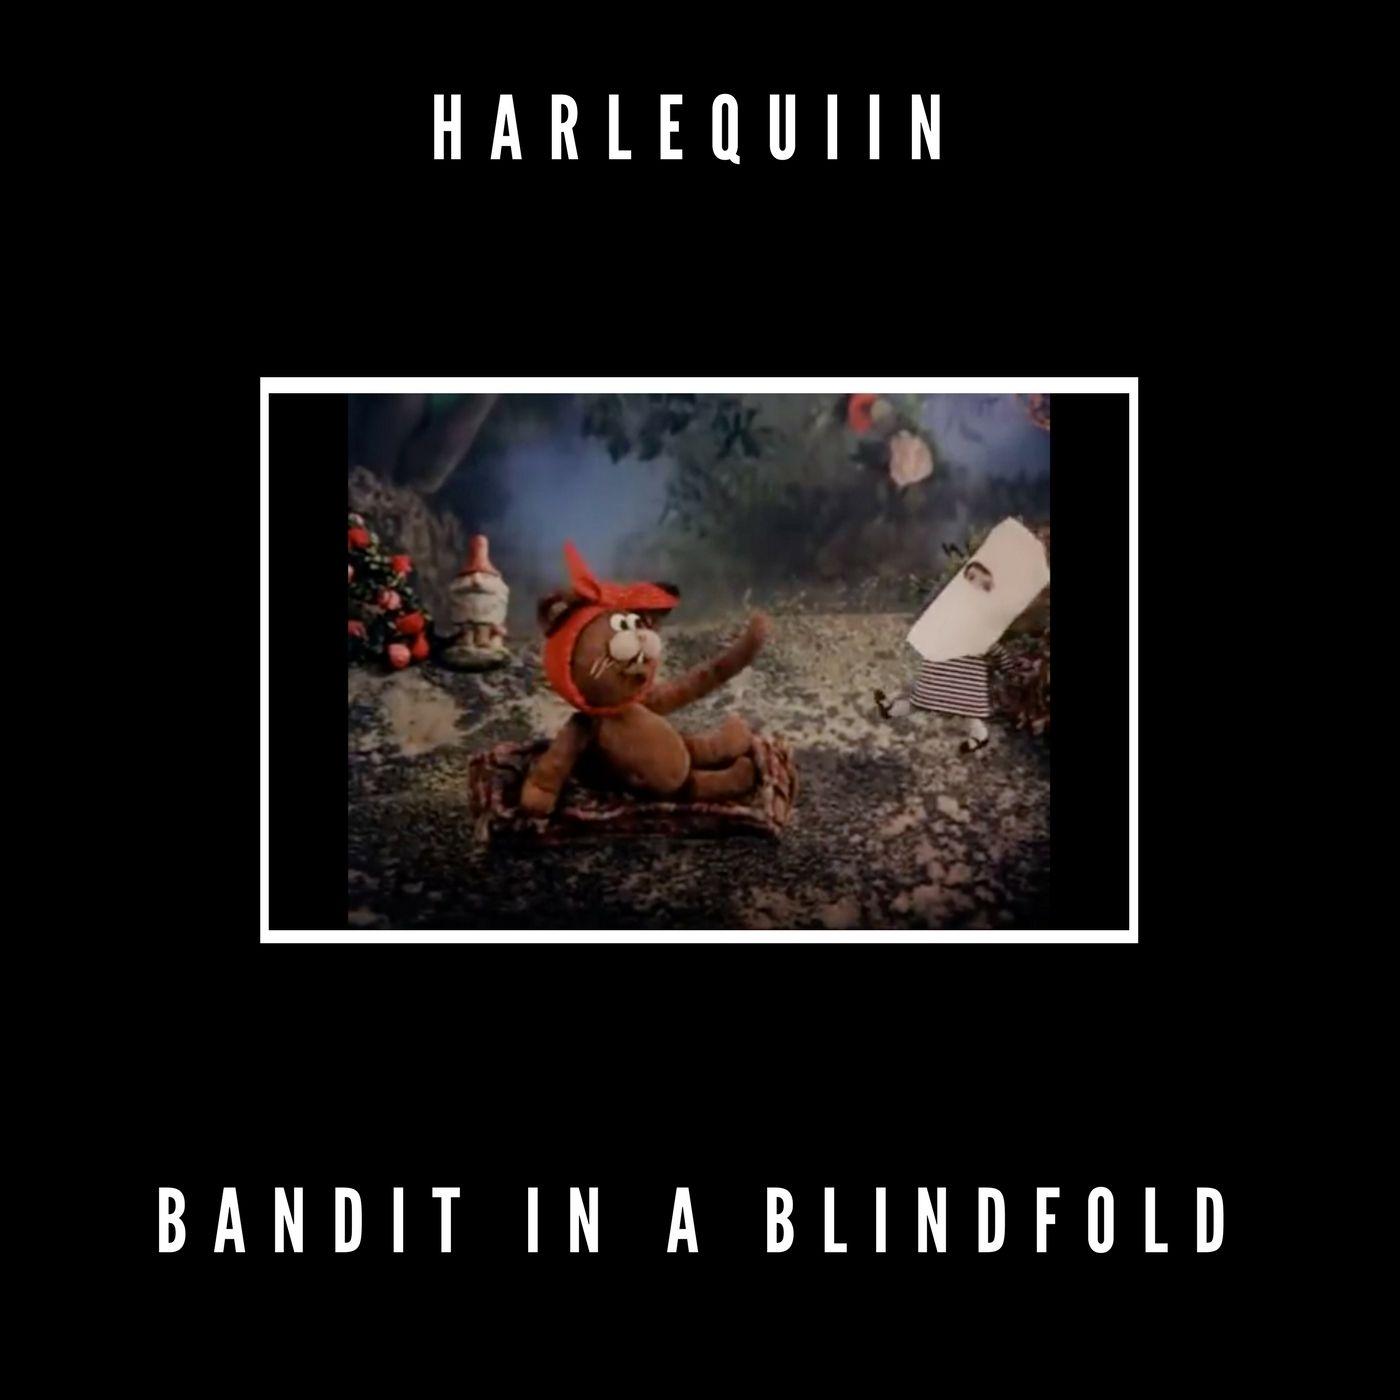 bandit_in_a_blindfold-_harlequiin.jpg